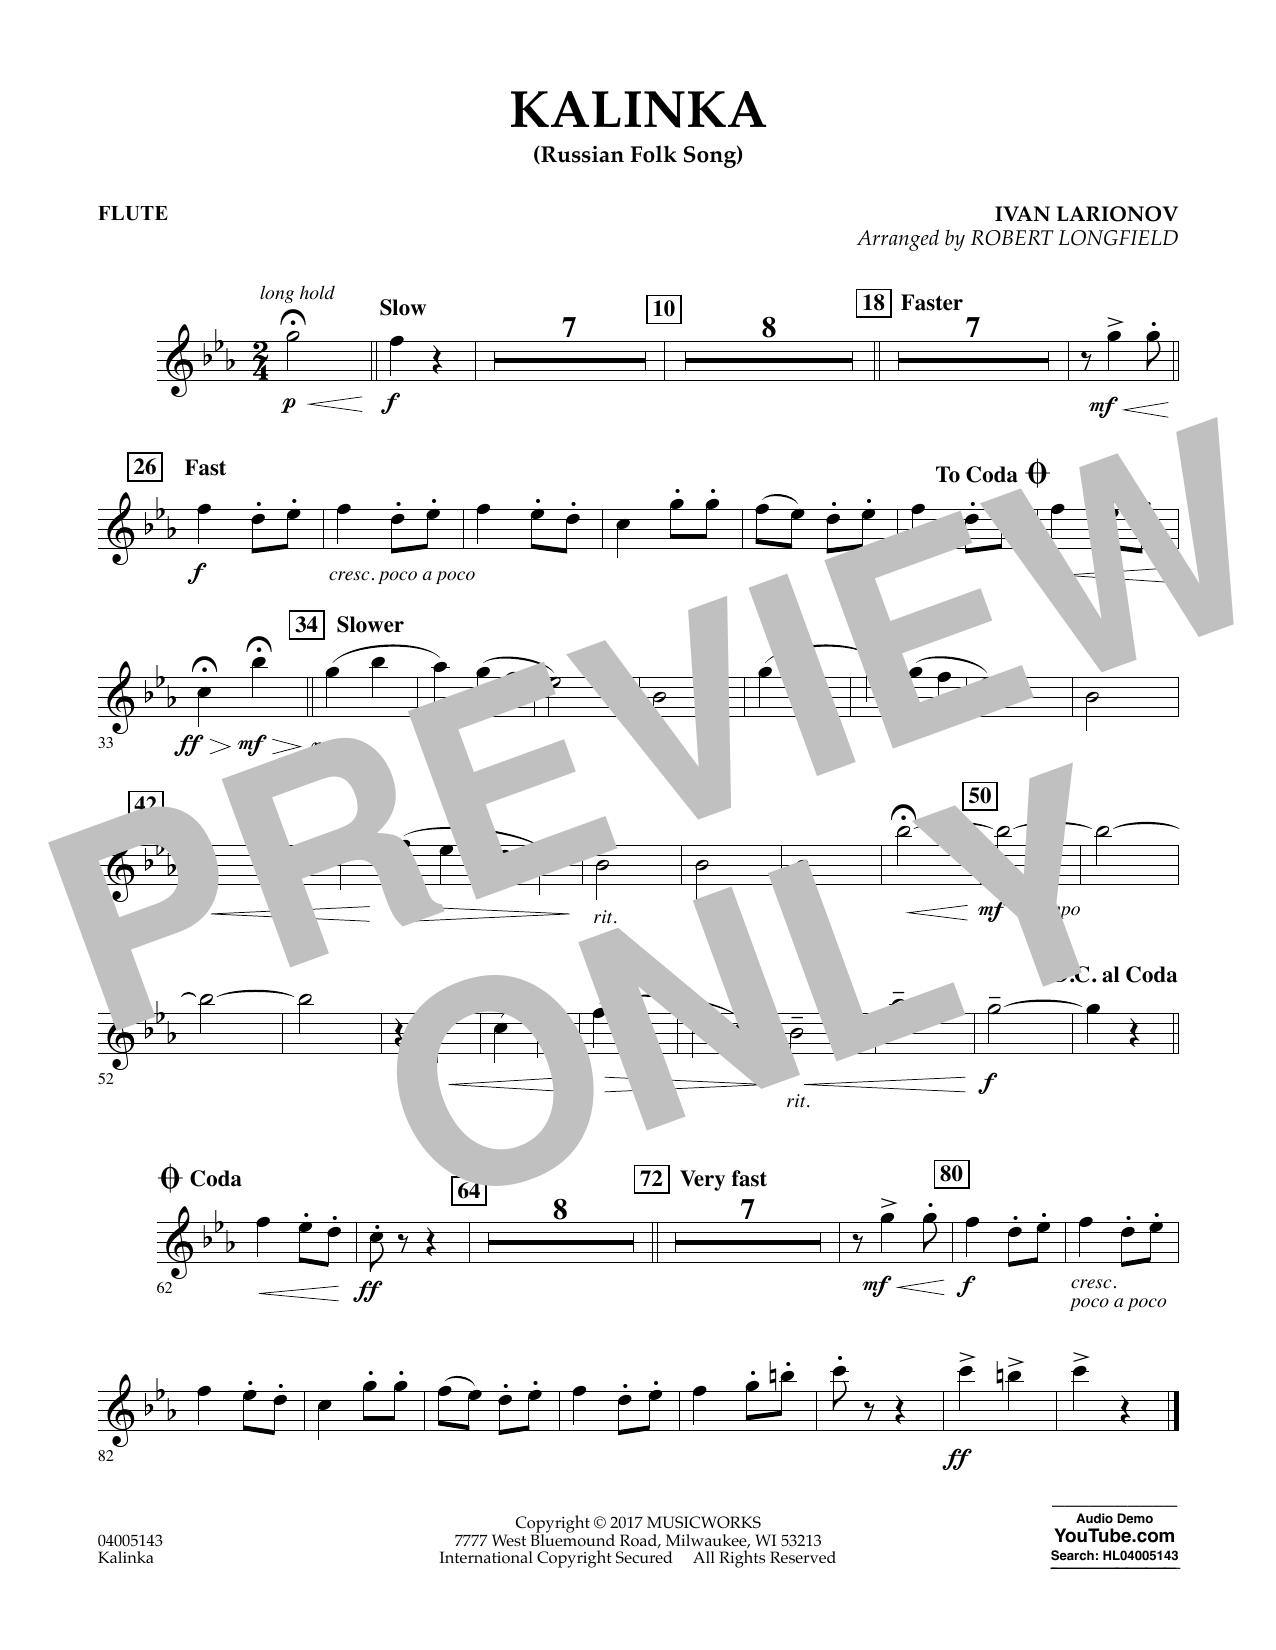 Kalinka (Russian Folk Song) - Flute Sheet Music